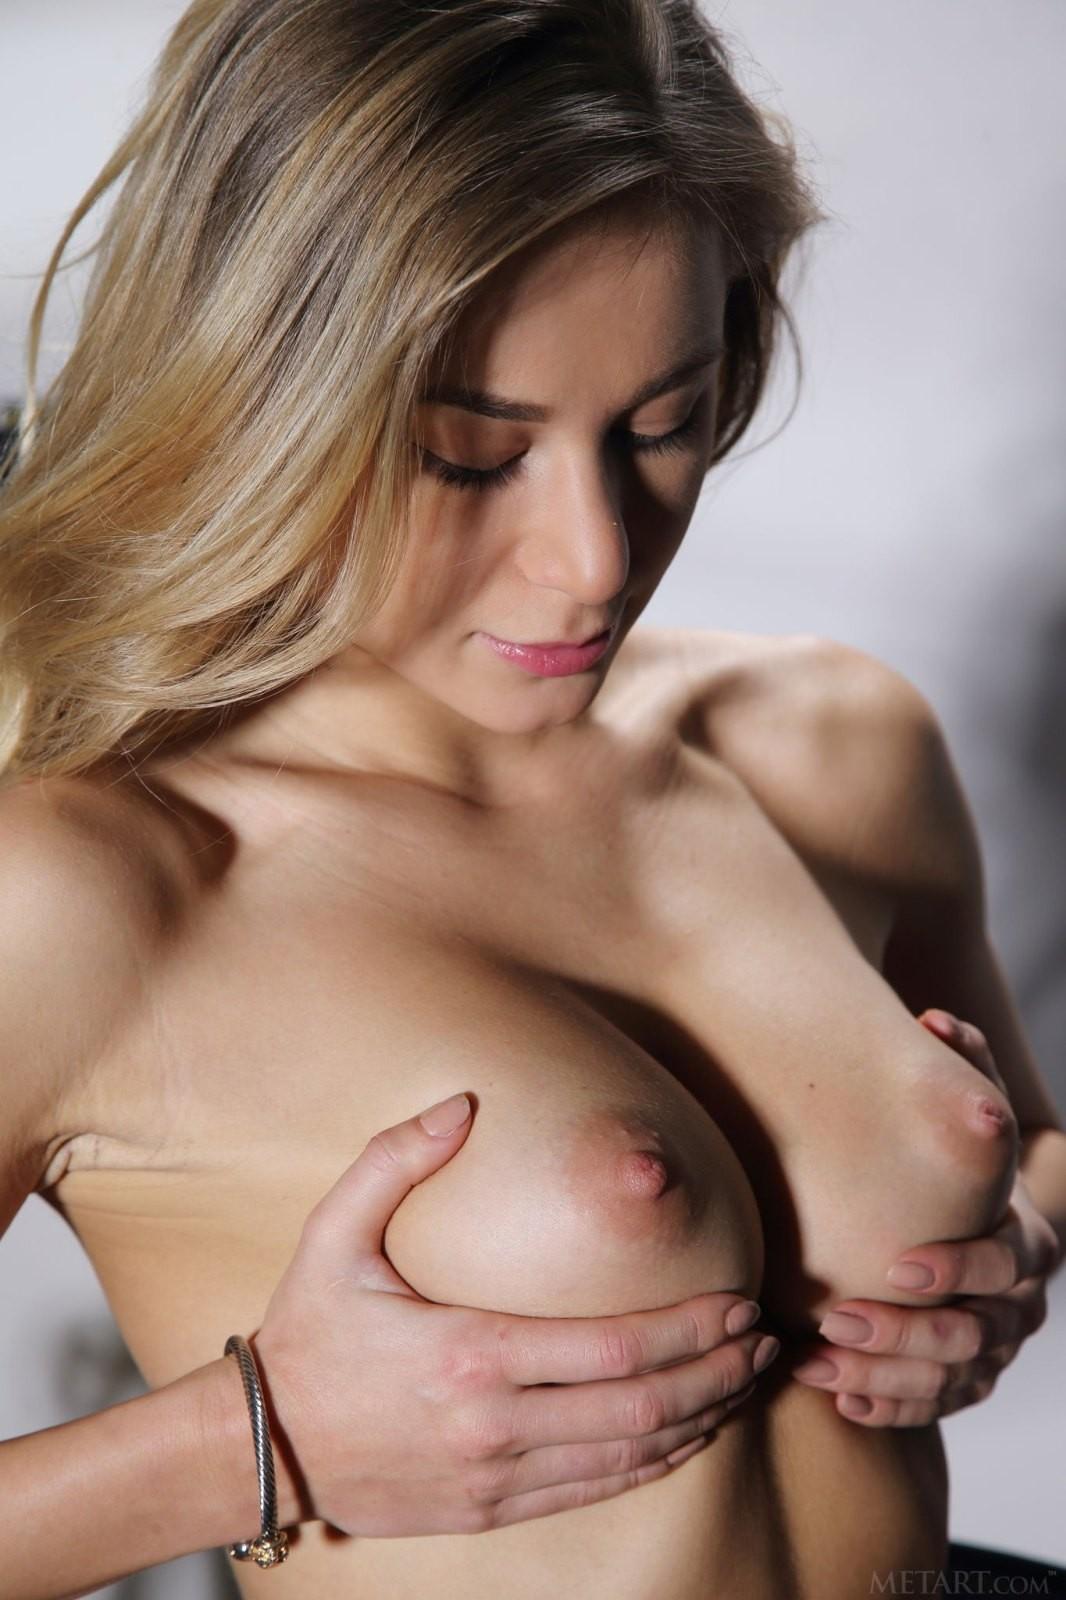 Блондинка с красивыми сиськами - фото